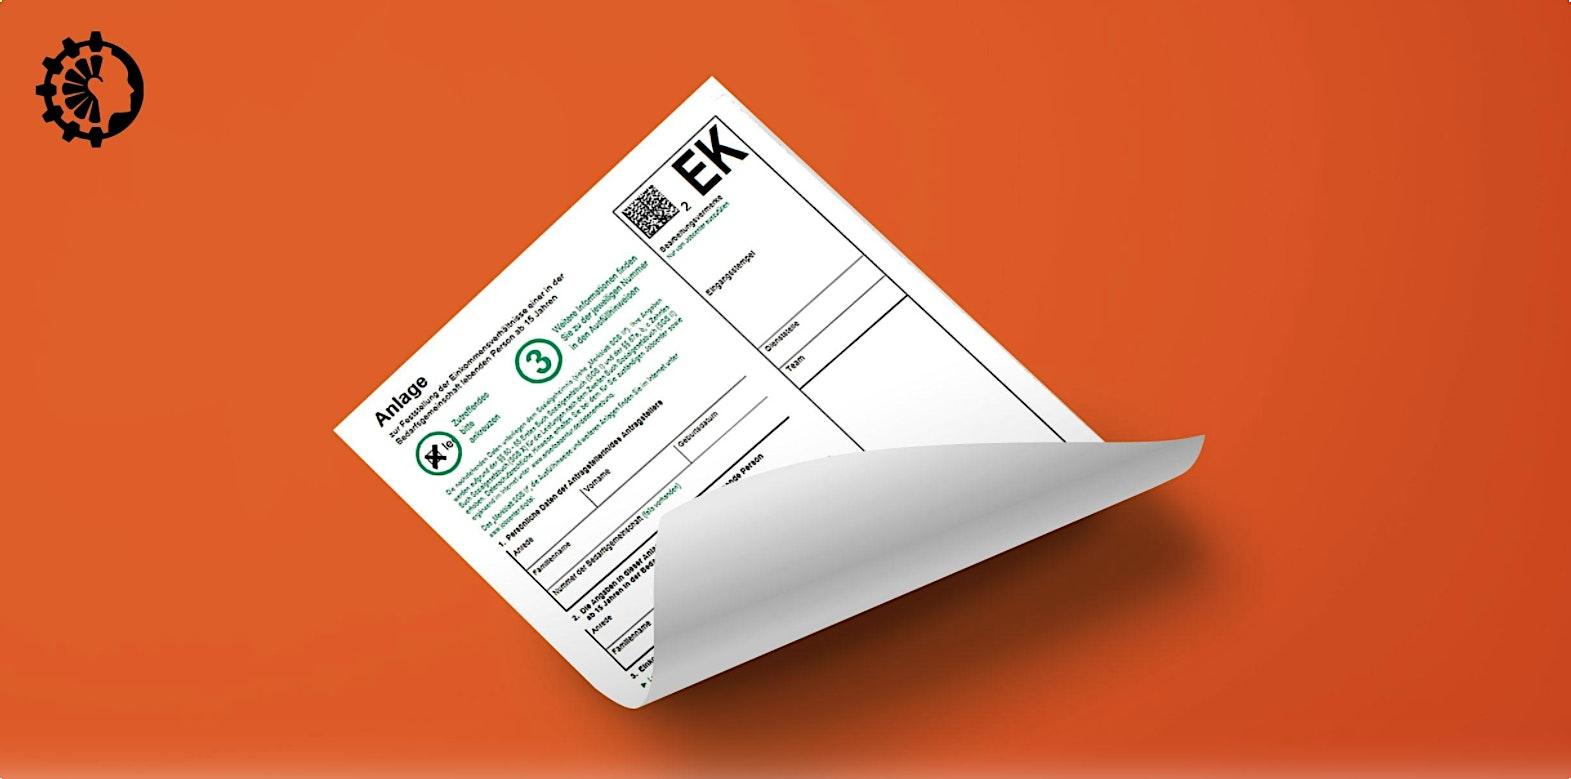 EKS für Selbständige beim Jobcenter!